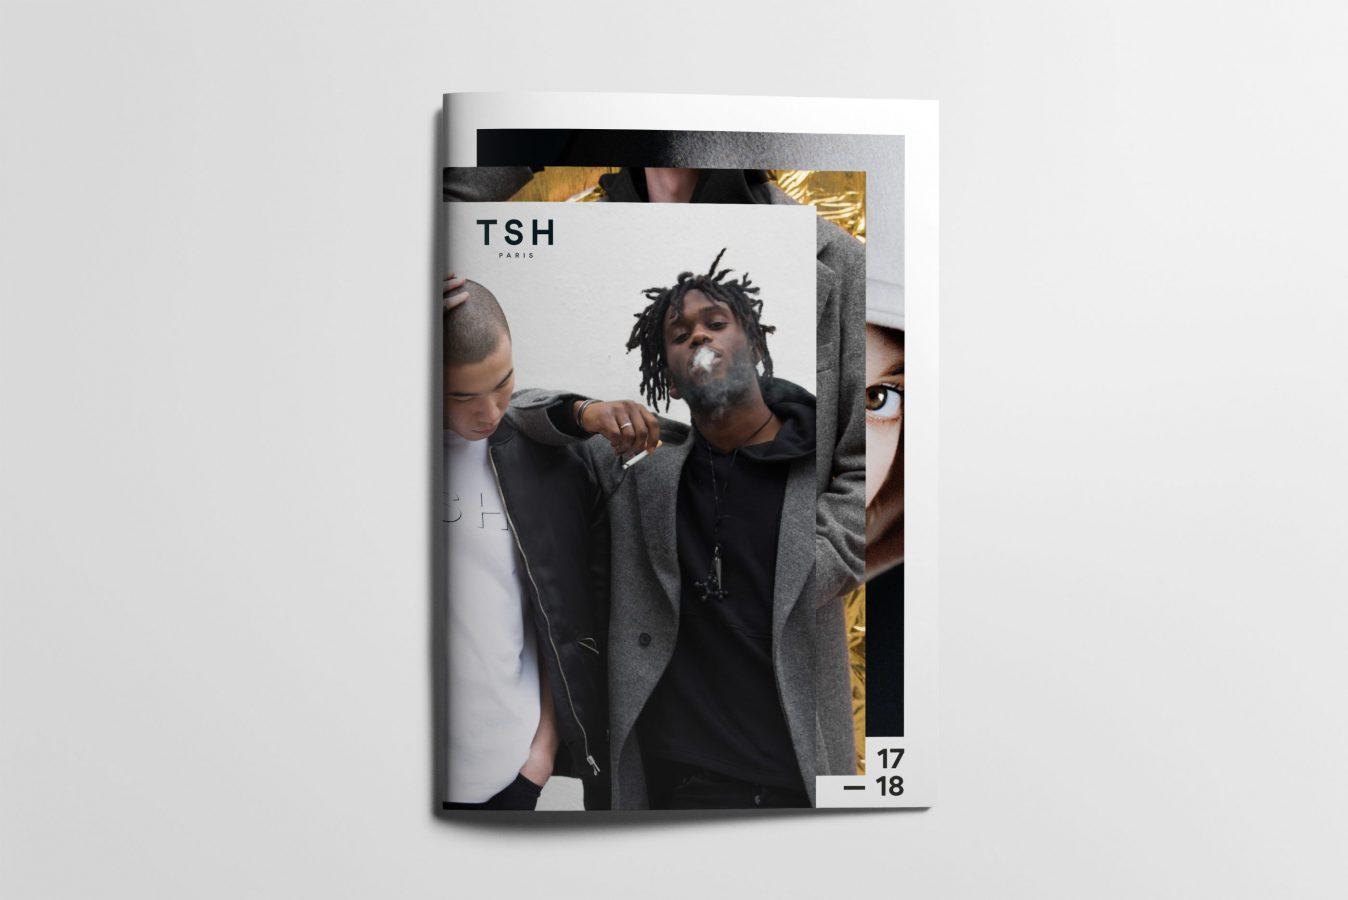 Book de la marque TSH Paris réalisé par Arno Ché